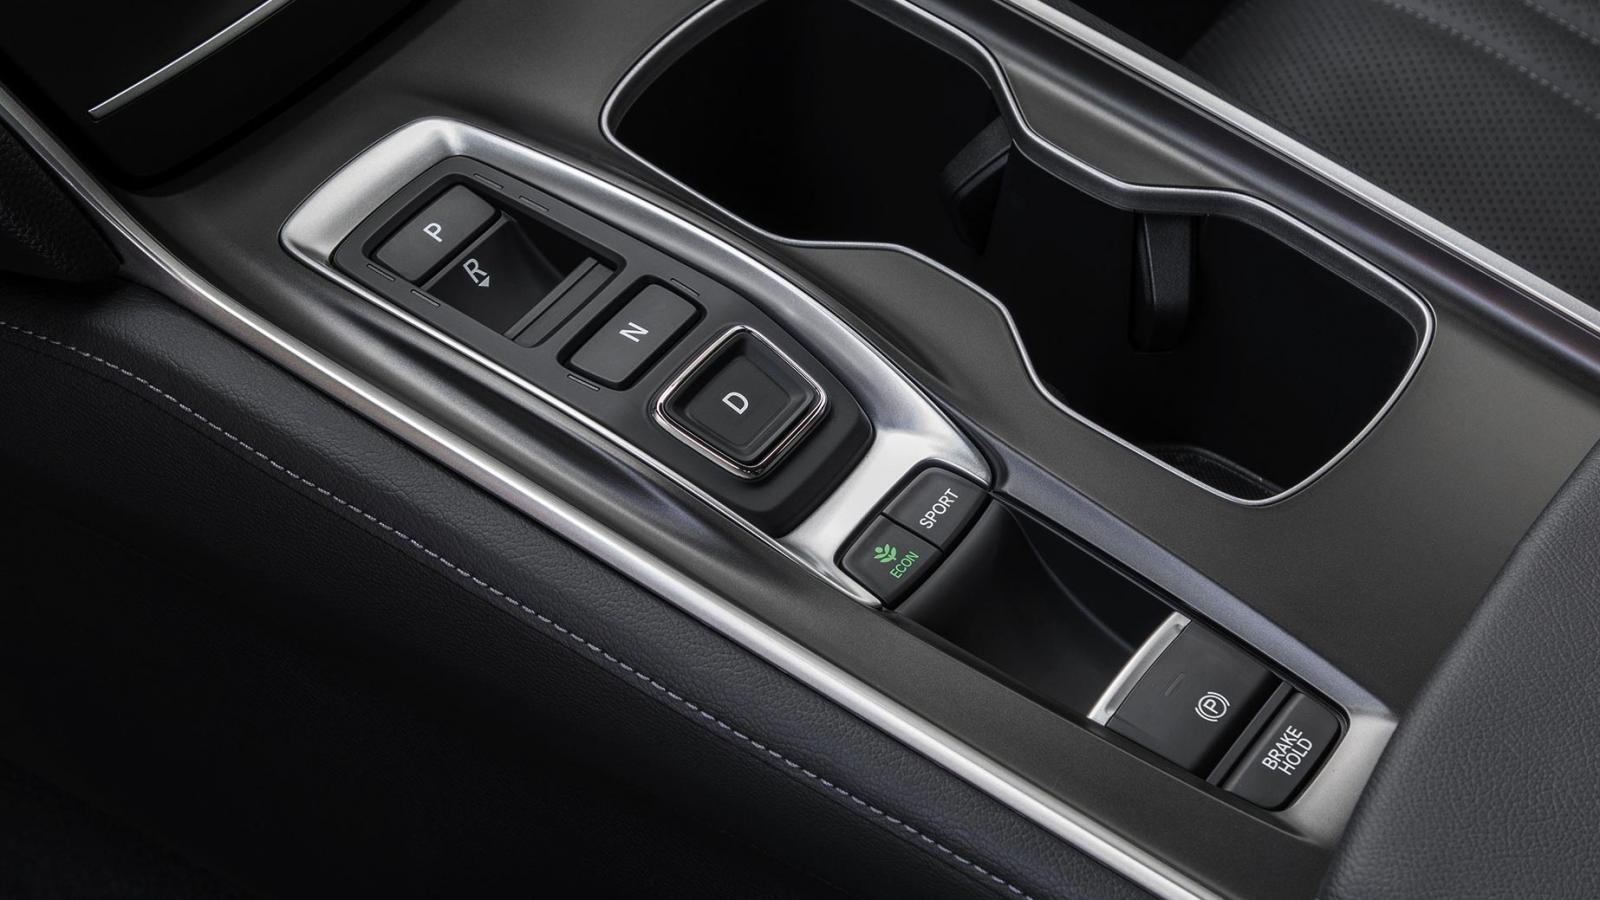 El Honda Accord Touring 2020 tiene numerosos compartimentos